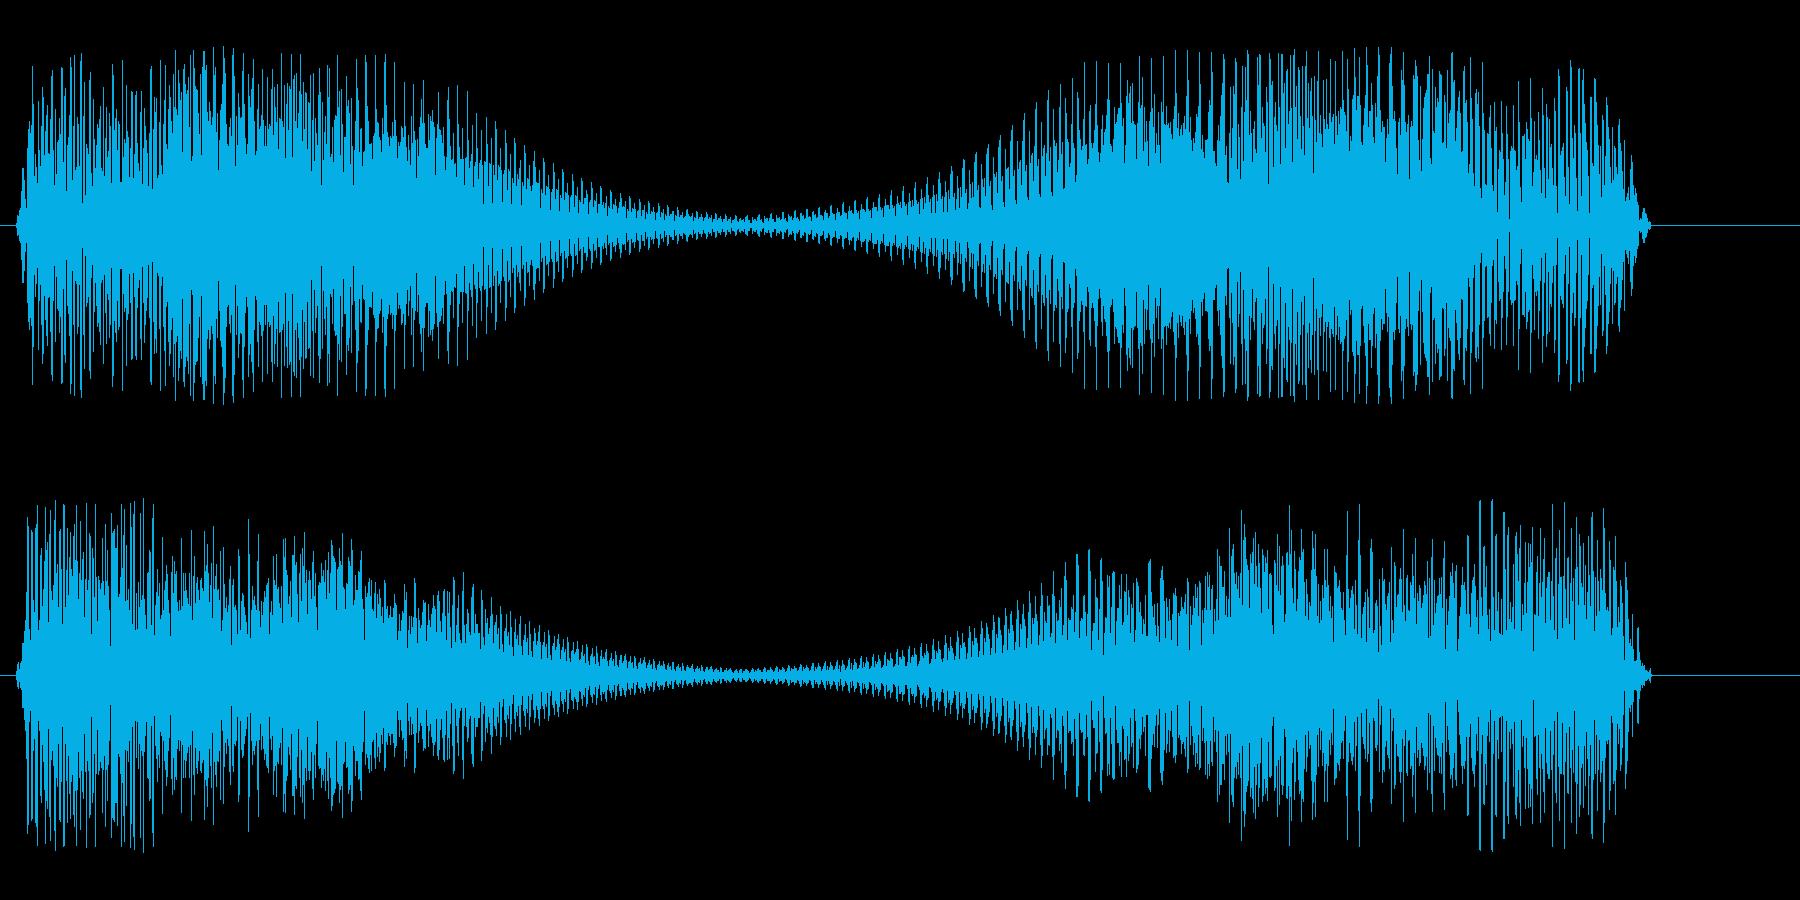 強く響くロボットの音の再生済みの波形